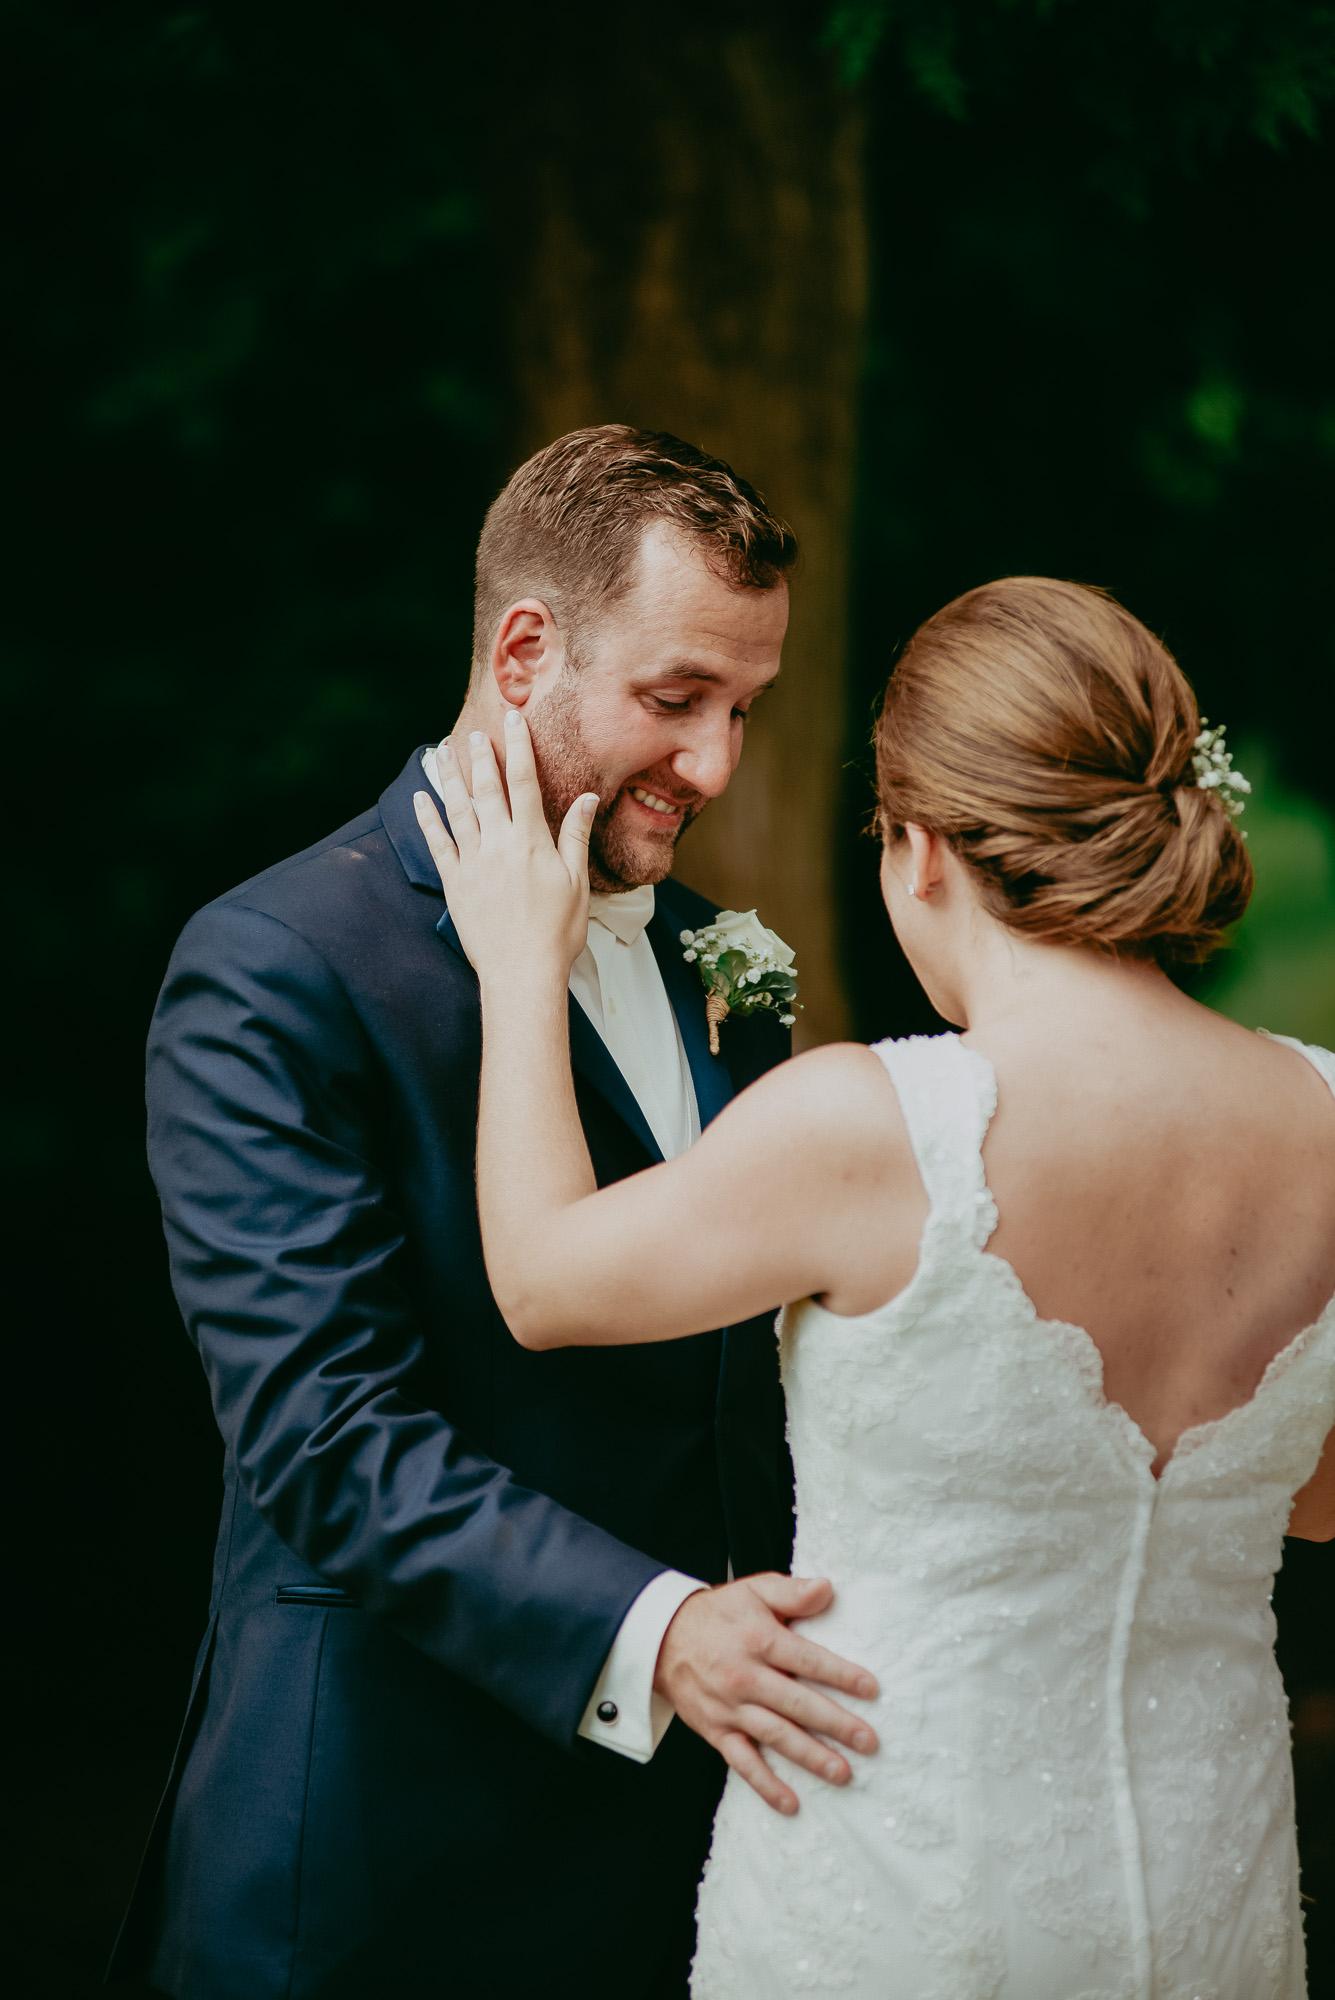 Rockford-IL-wedding-photographers-6-2.jpg